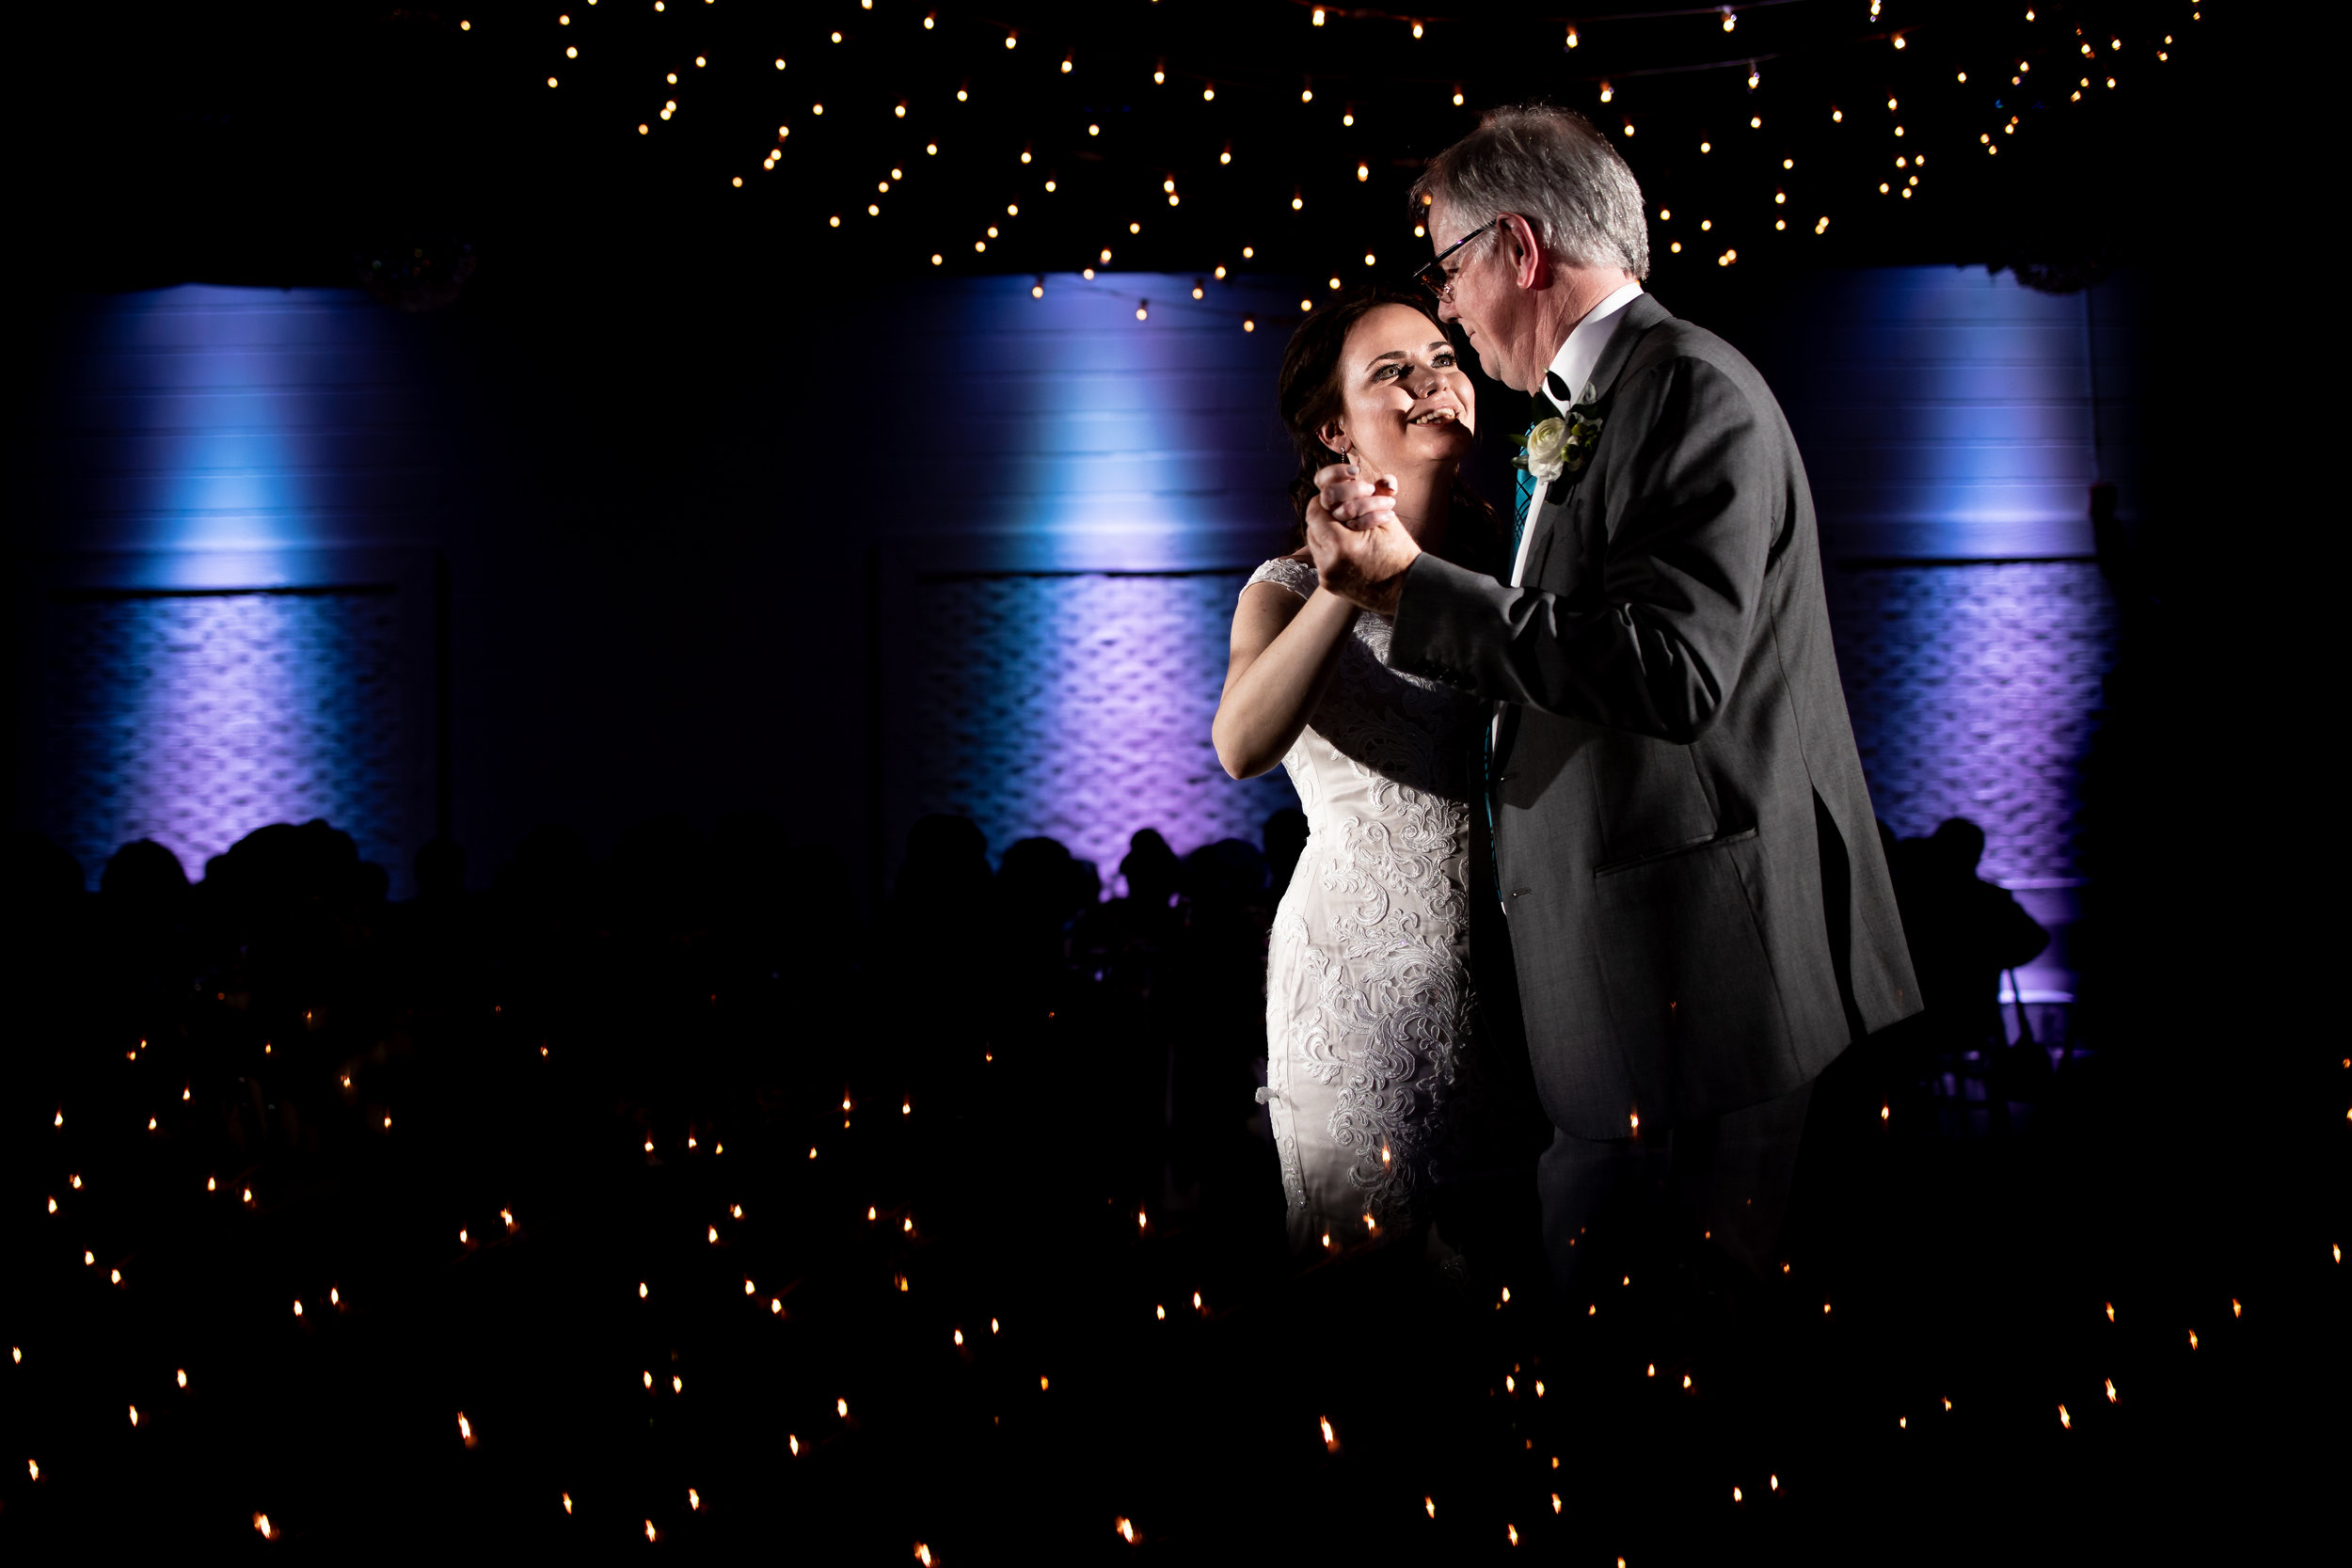 YMG-wedding-photos-59.jpg